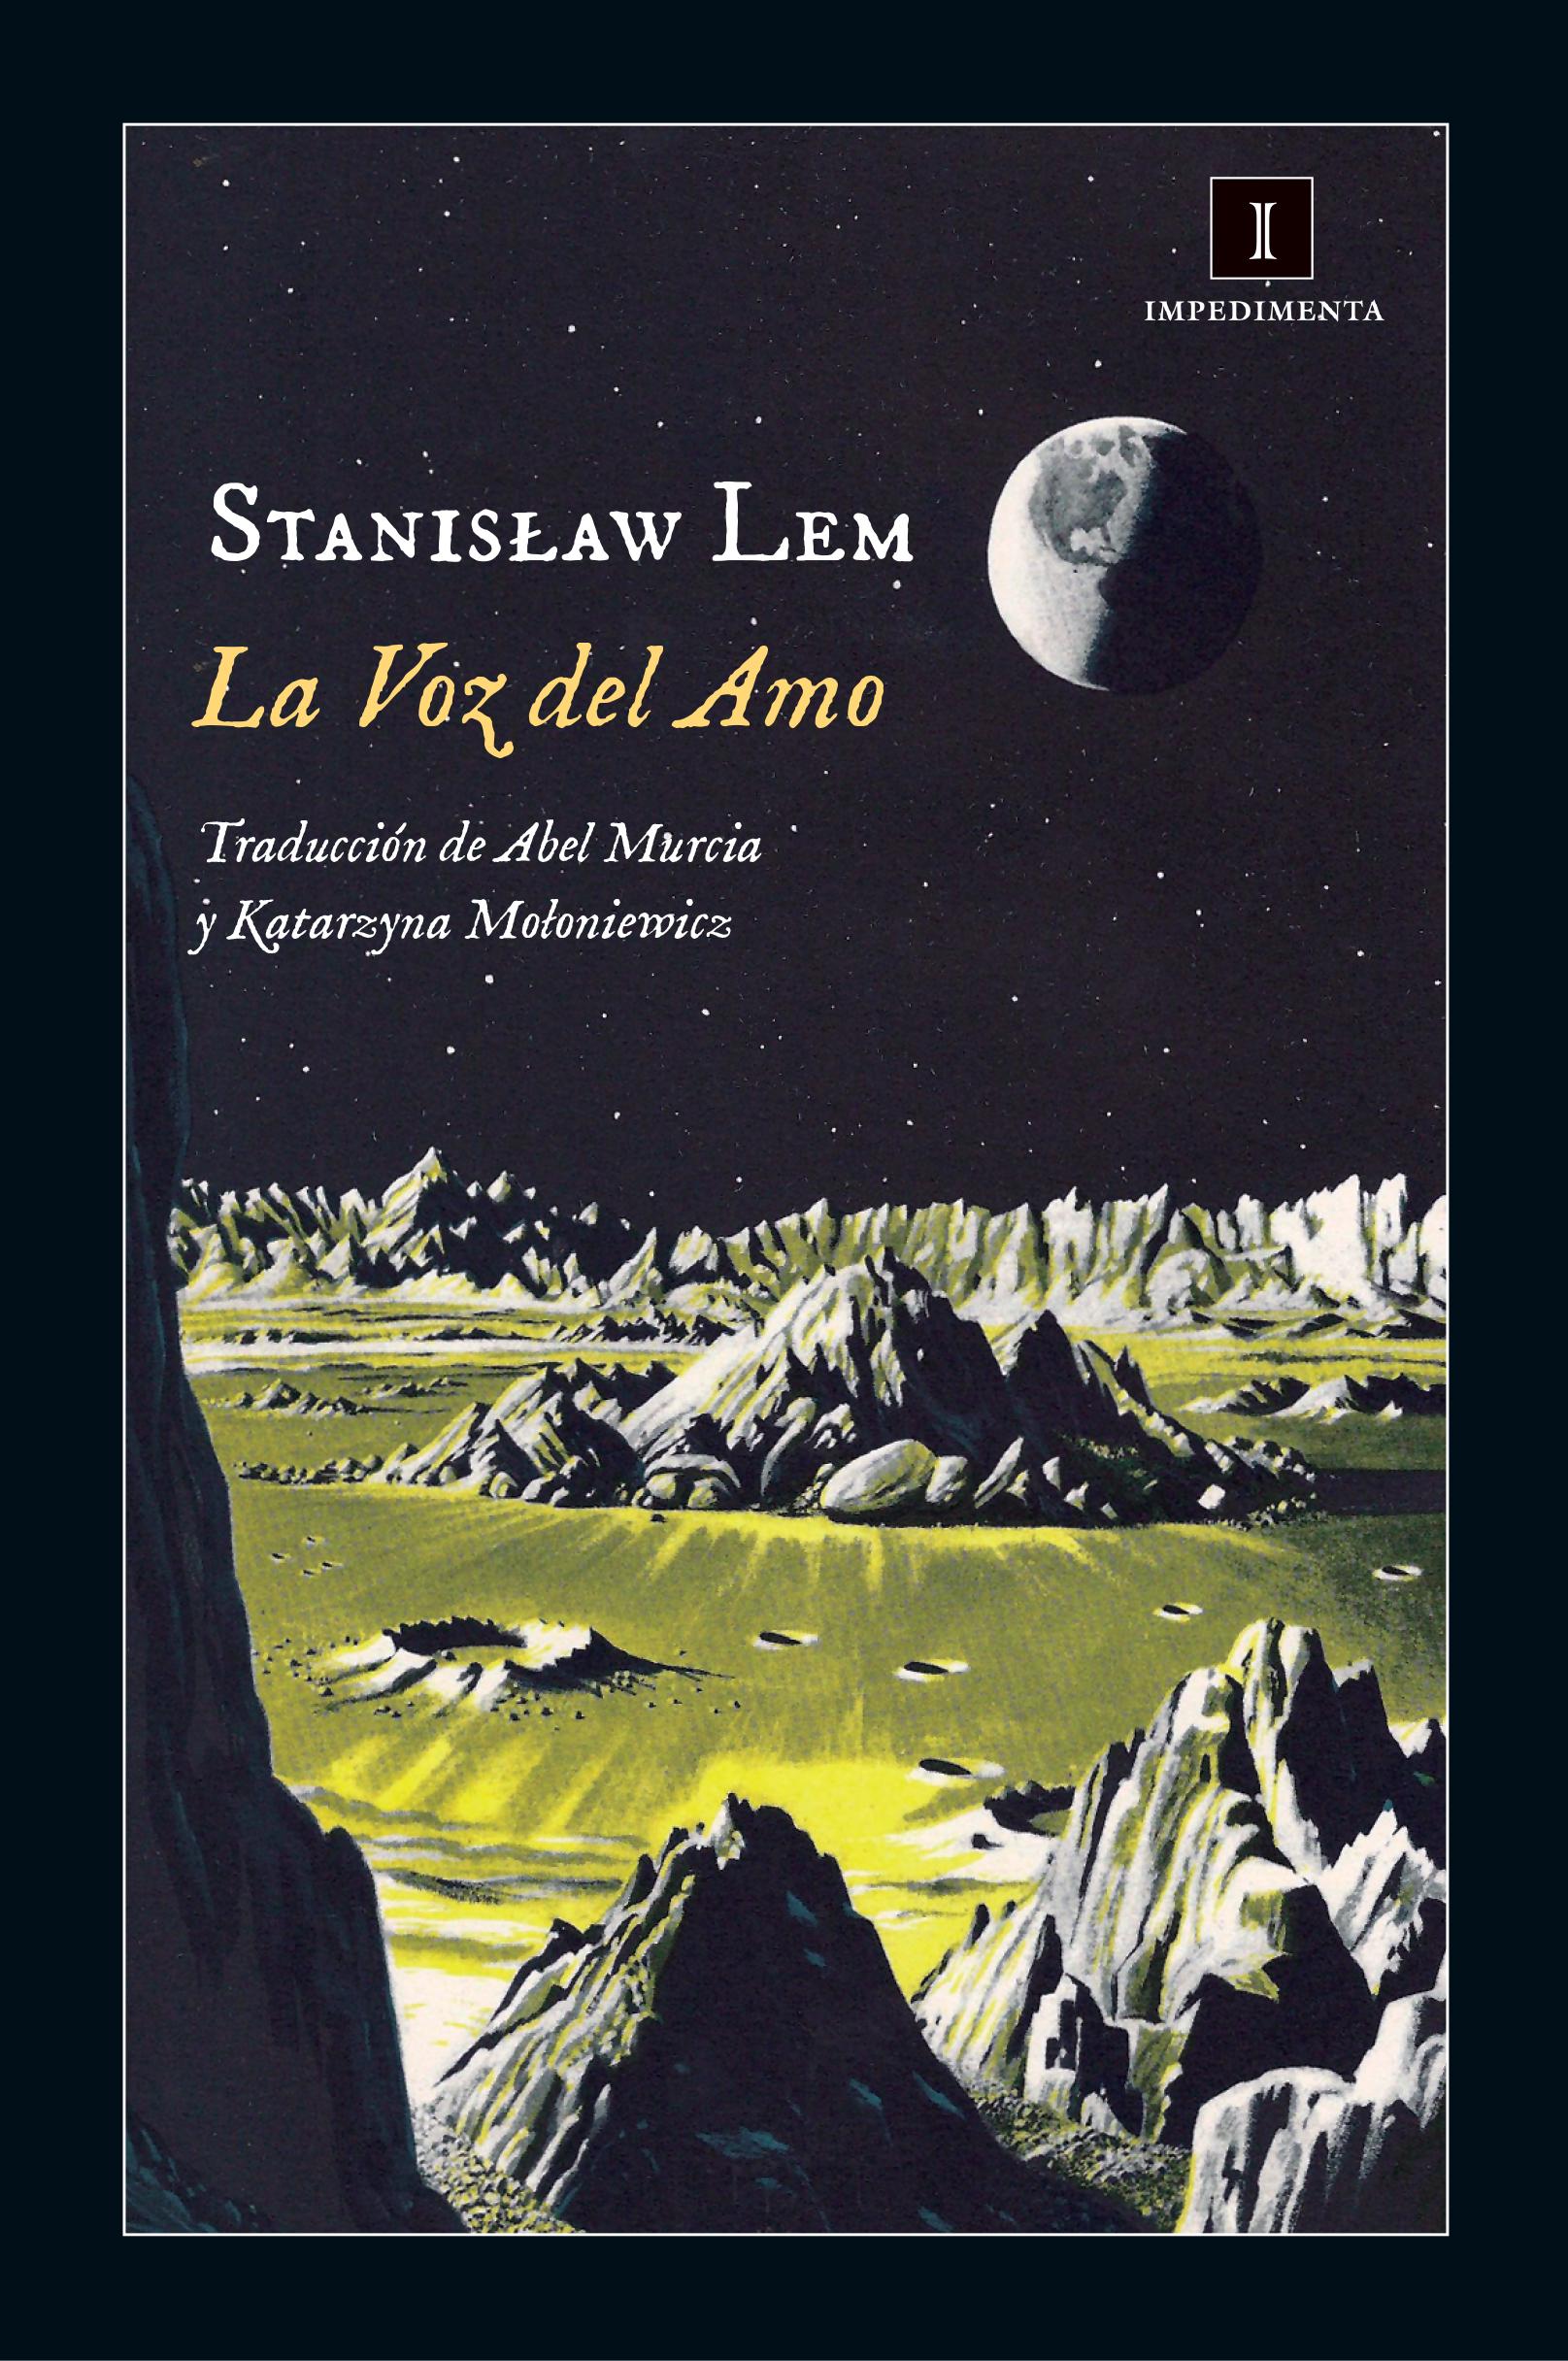 Una espesa lectura: La Voz del Amo, de Stanislaw Lem